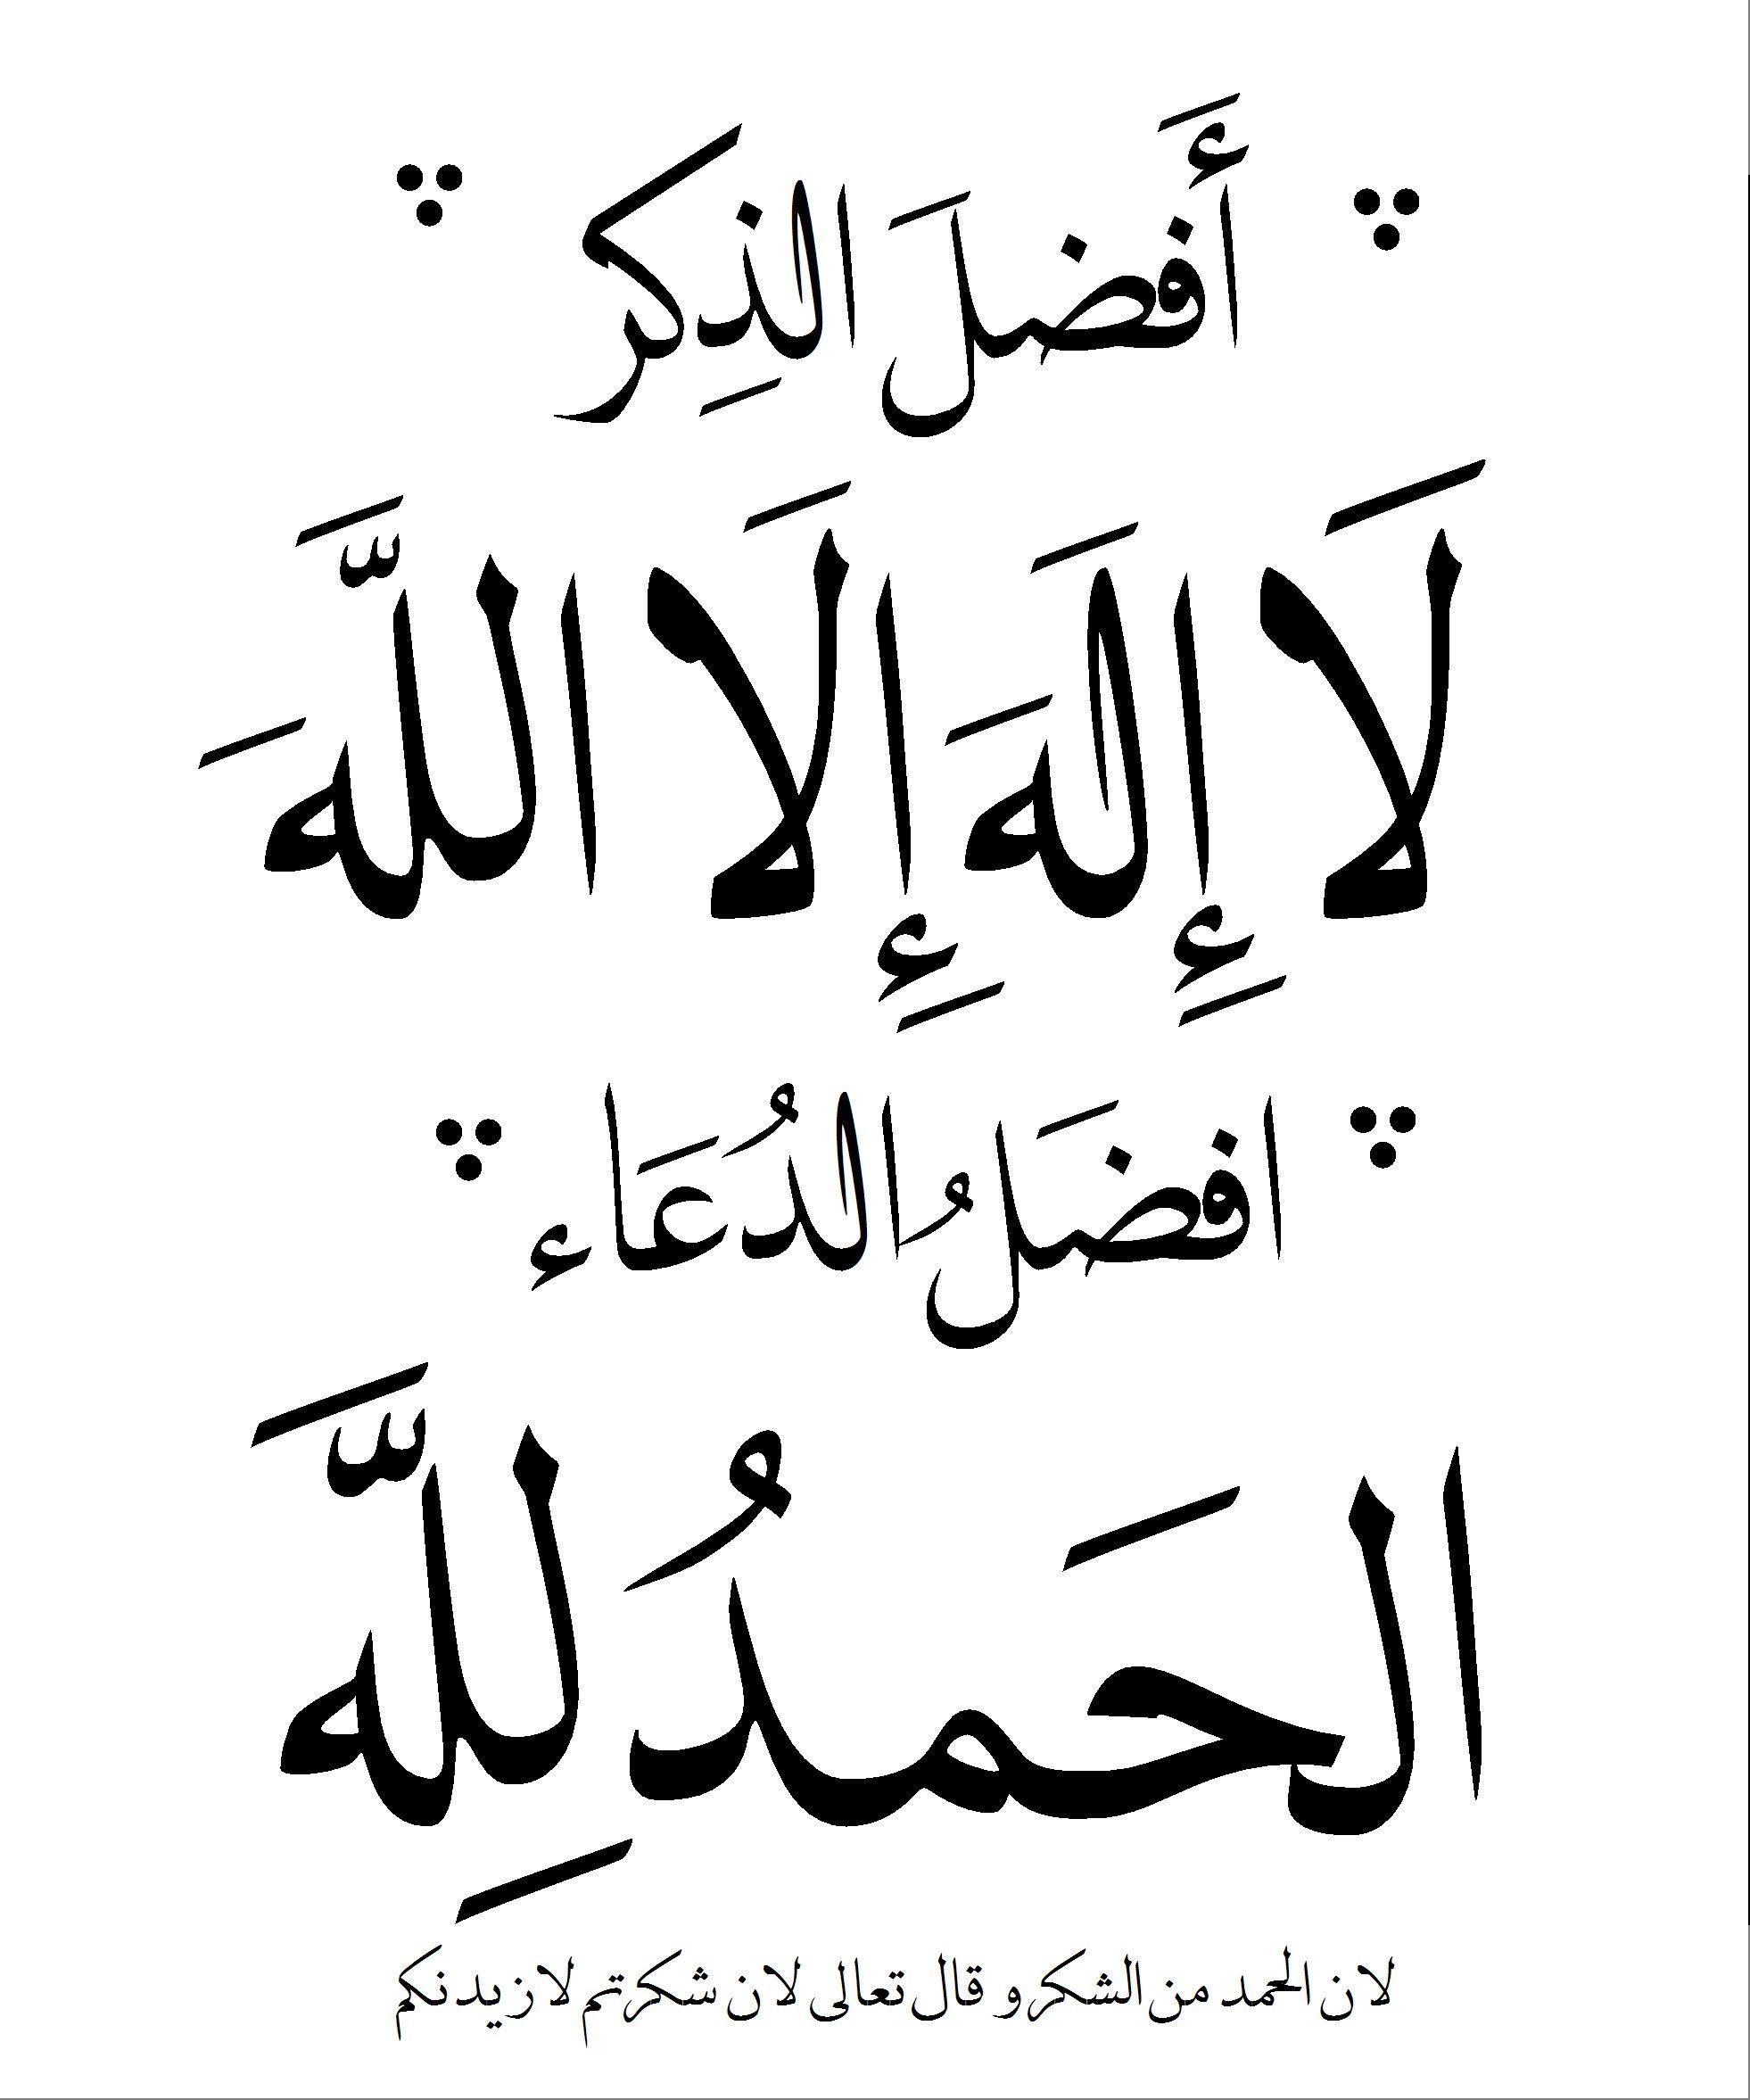 Дуа на арабском картинки